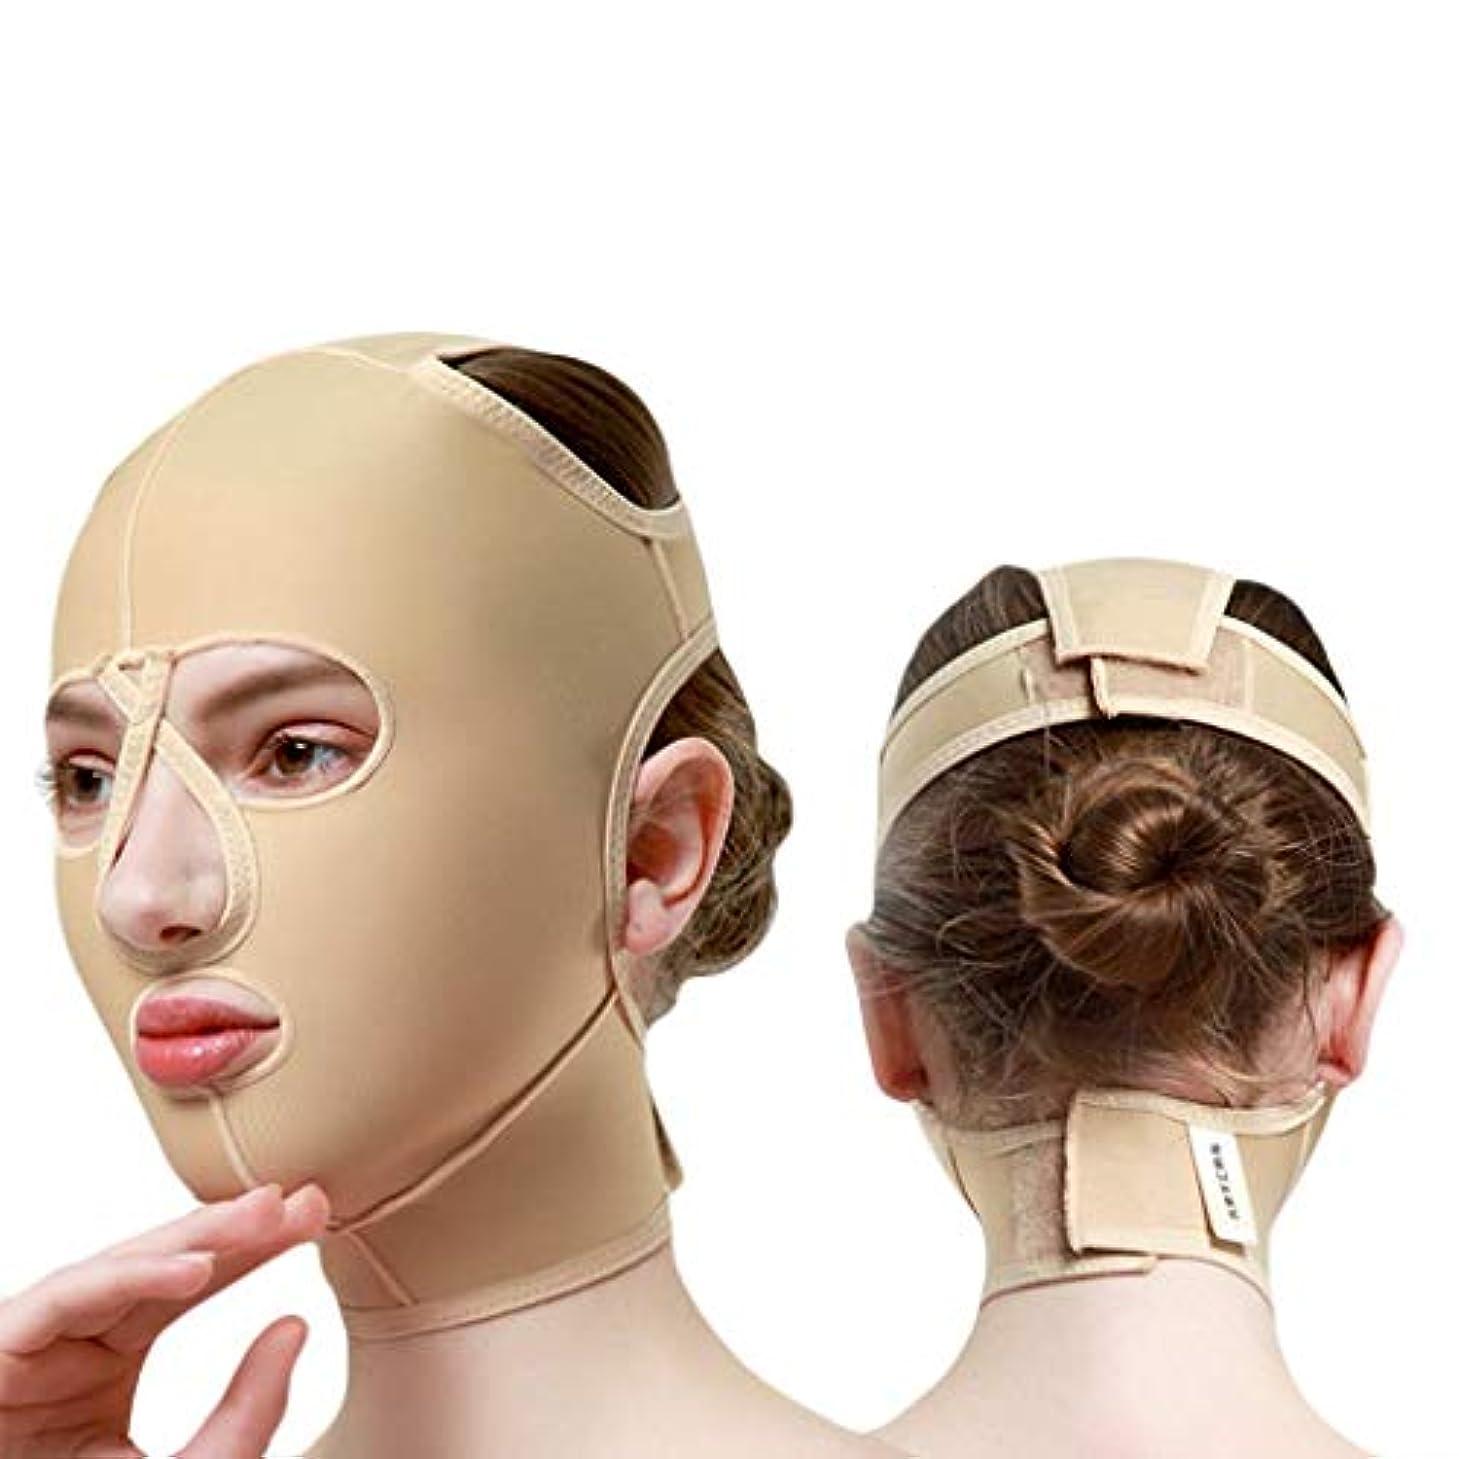 発送却下する裕福なチンストラップ、顔彫りツール、リフティングマスク、ダブルチンリデューサー、フェイスリフティングエラスティックマスクメス(サイズ:M),XL